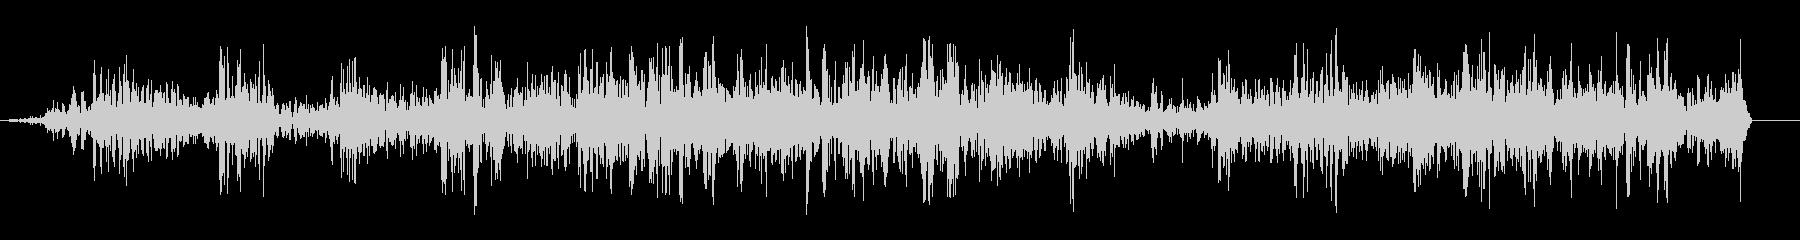 ブワブワ(泡が涌き上る音)の未再生の波形